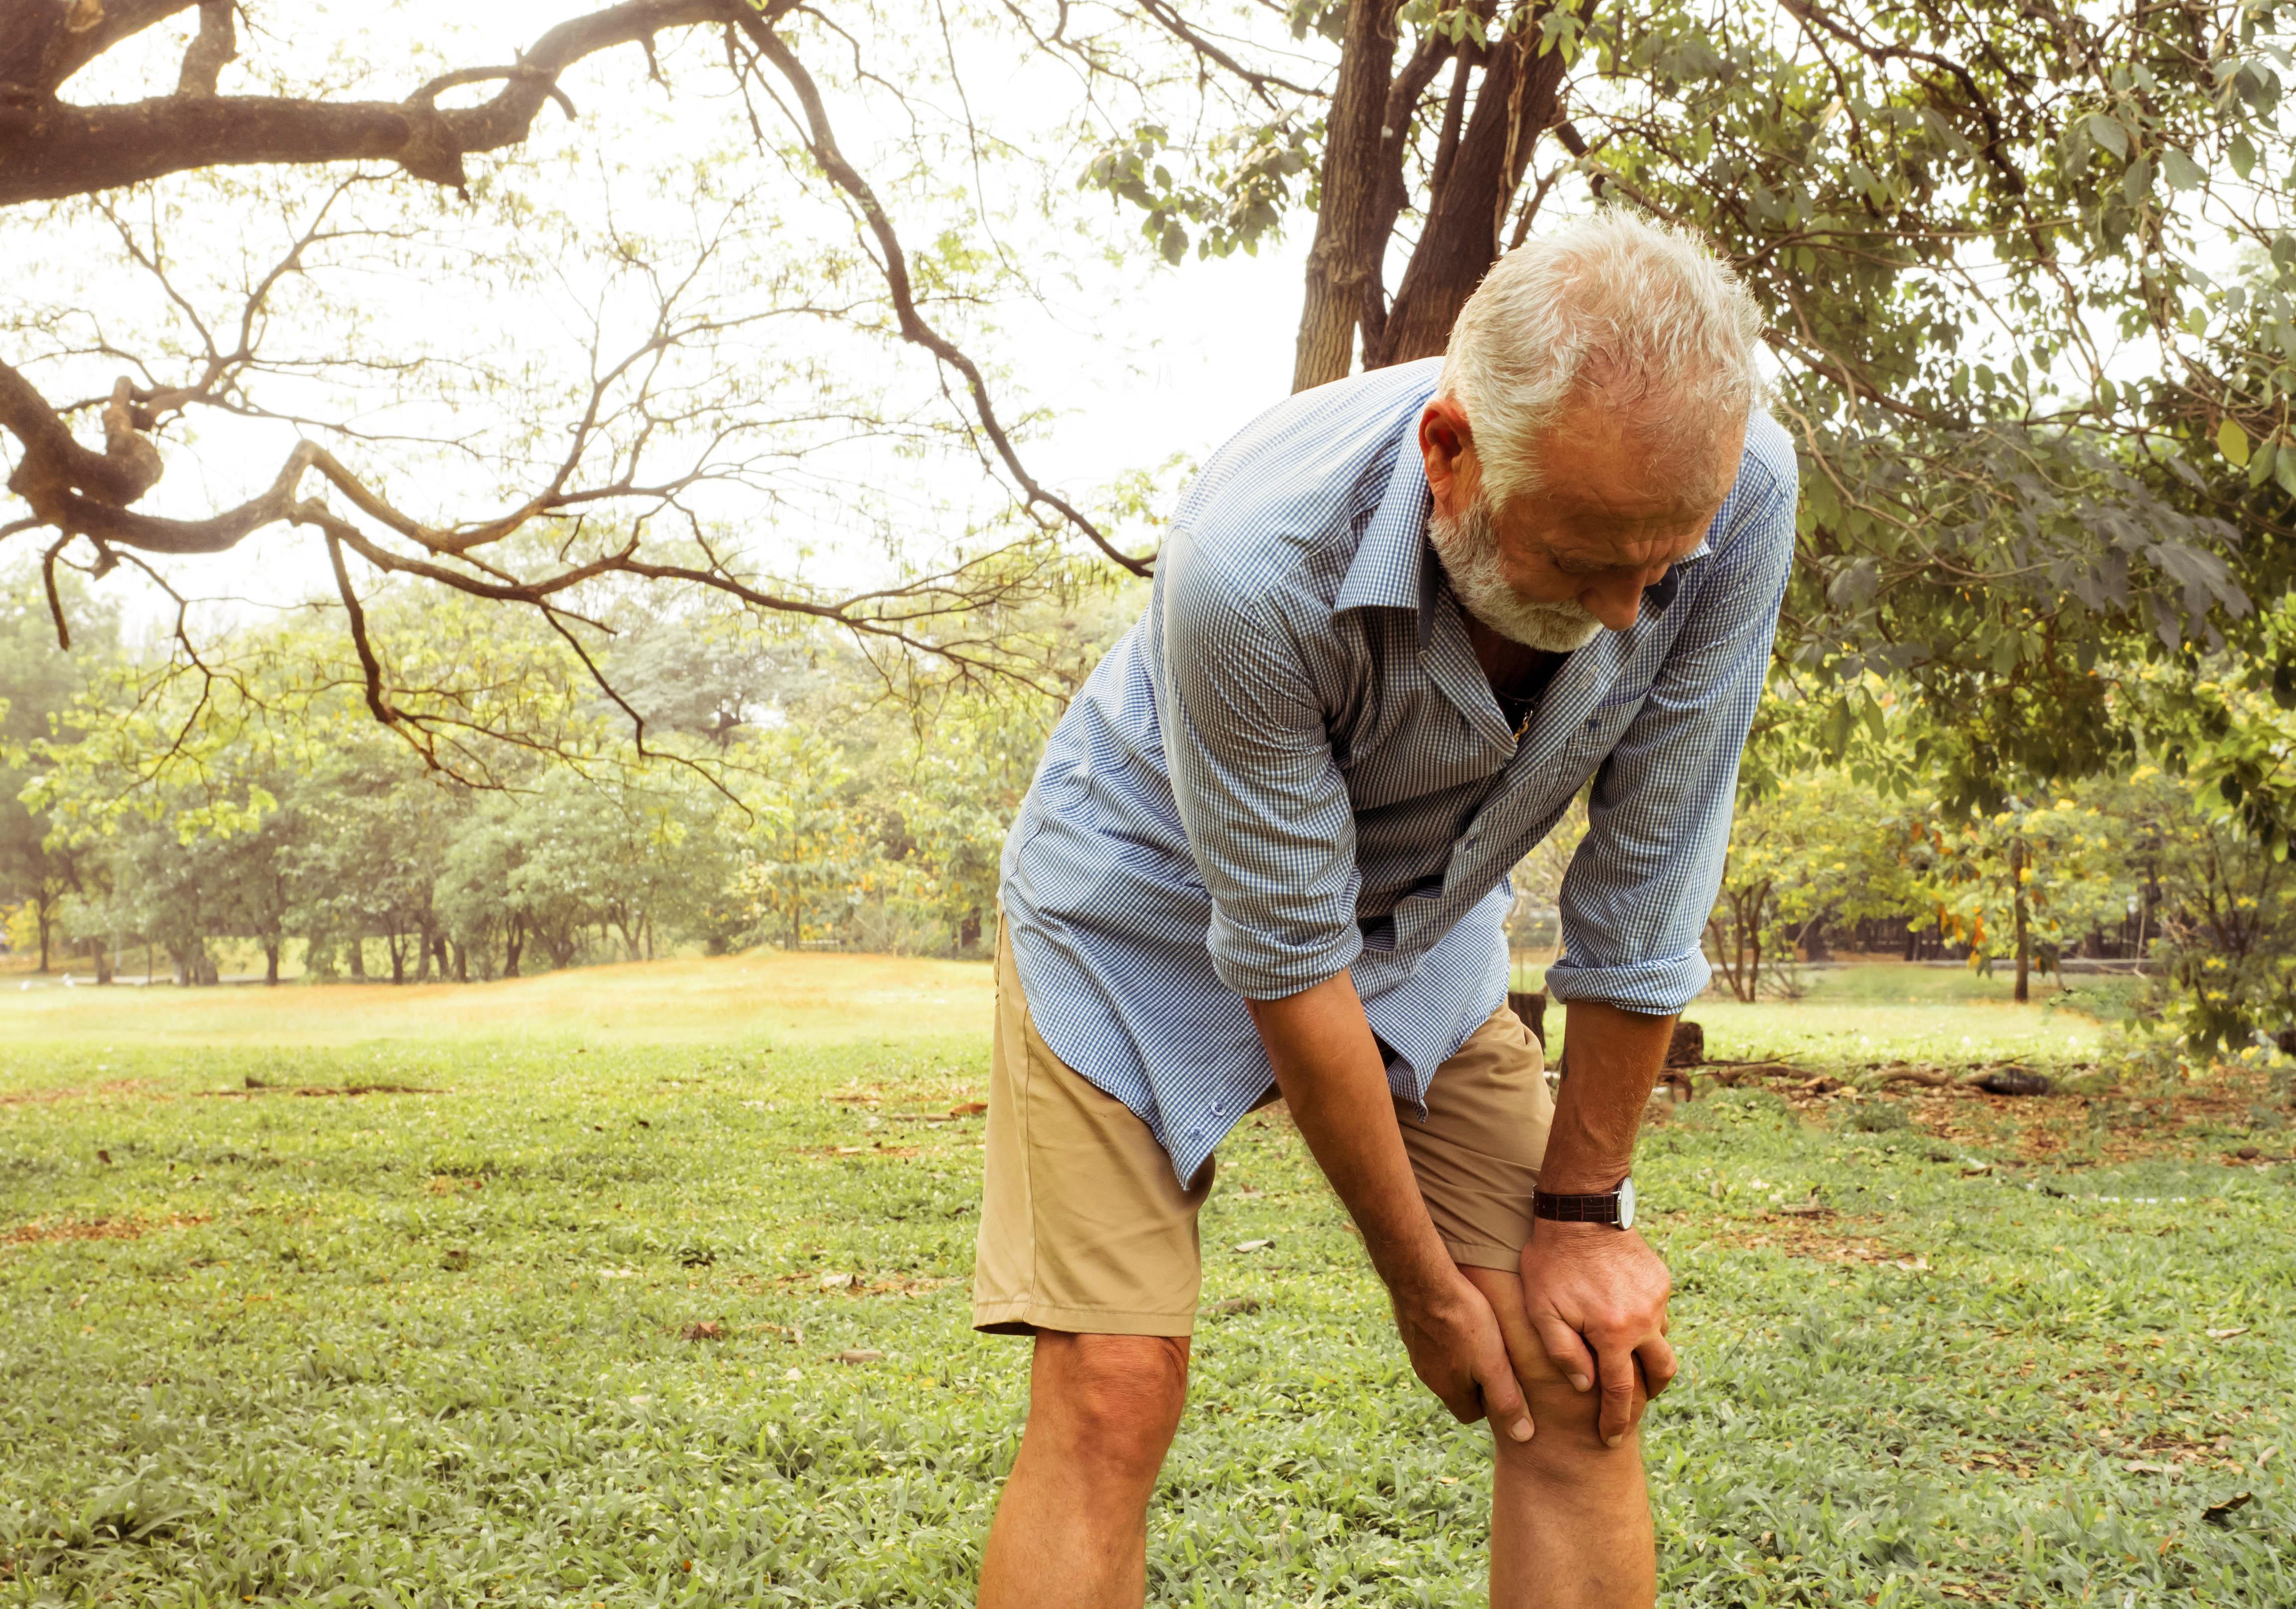 When will wearing a knee brace help you?